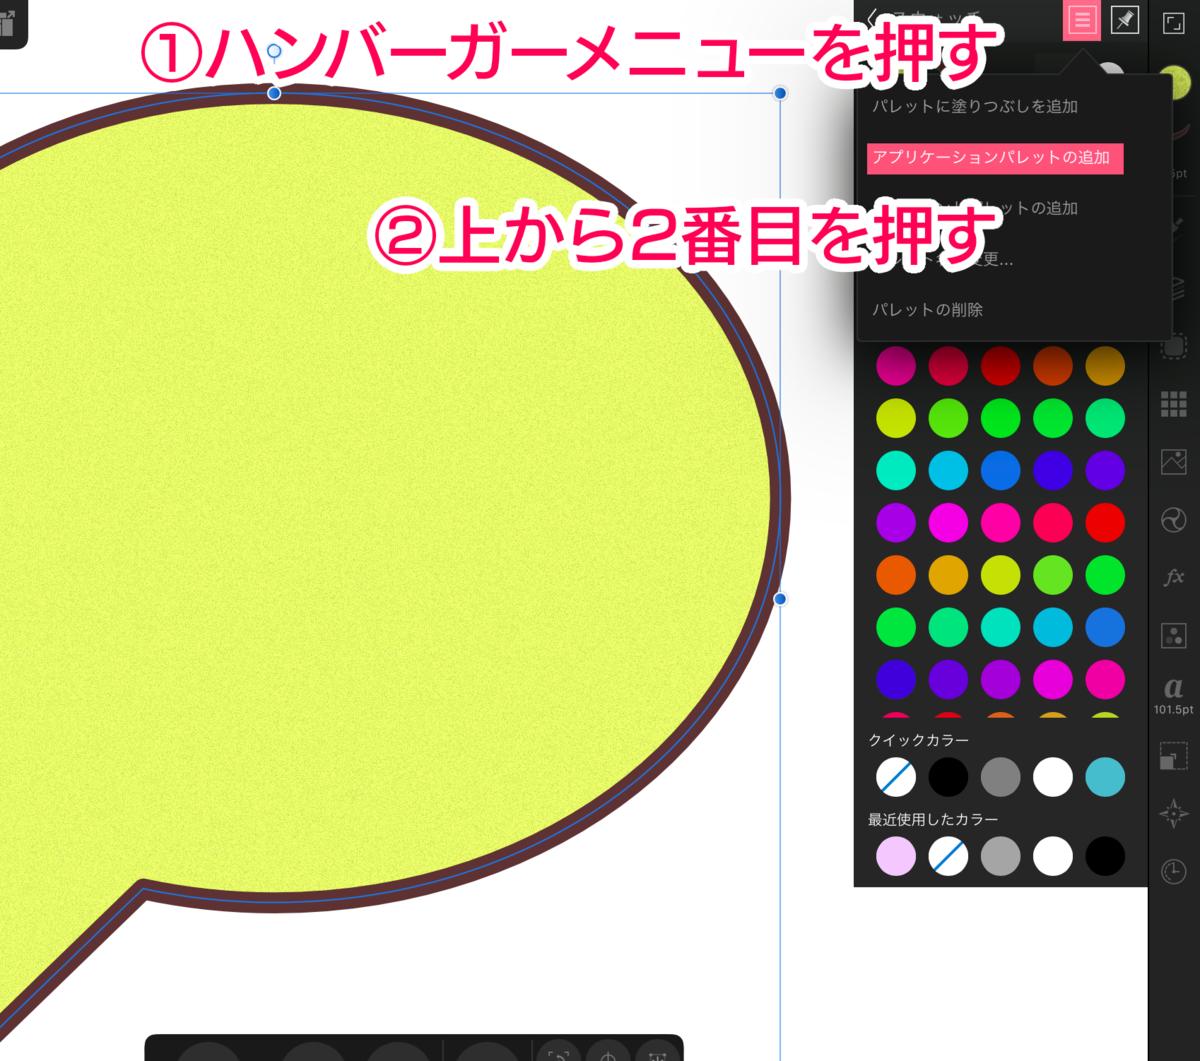 f:id:shioaji78:20200612222043p:plain